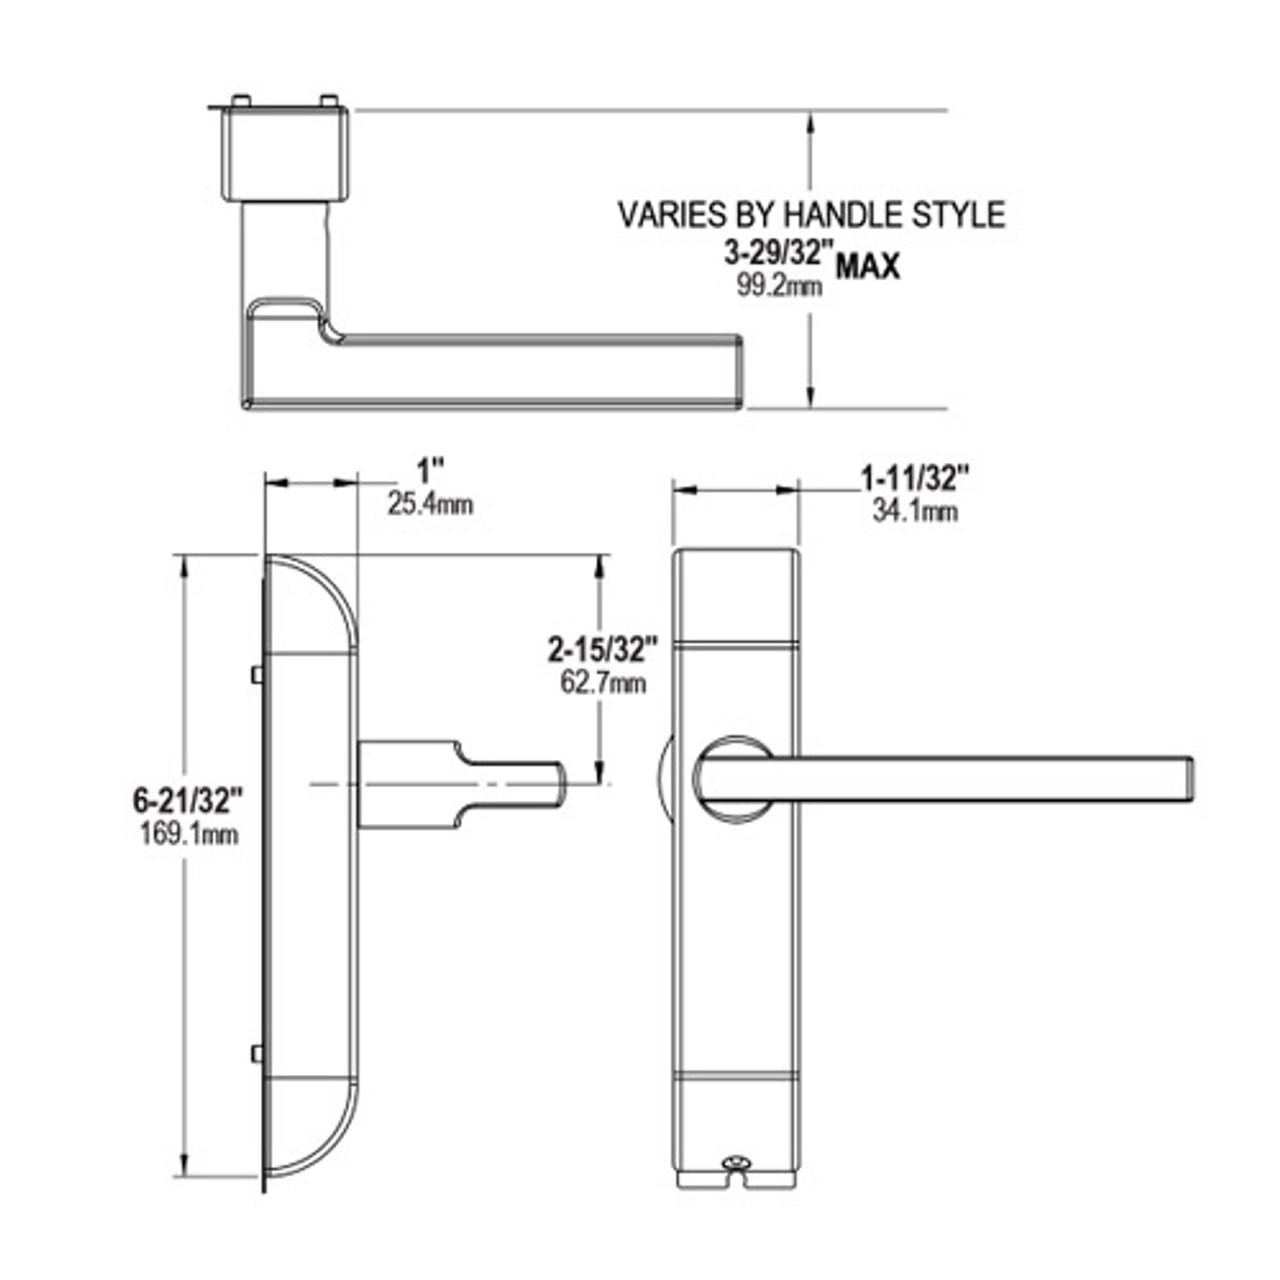 4600M-MG-531-US4 Adams Rite MG Designer handle Dimensional View